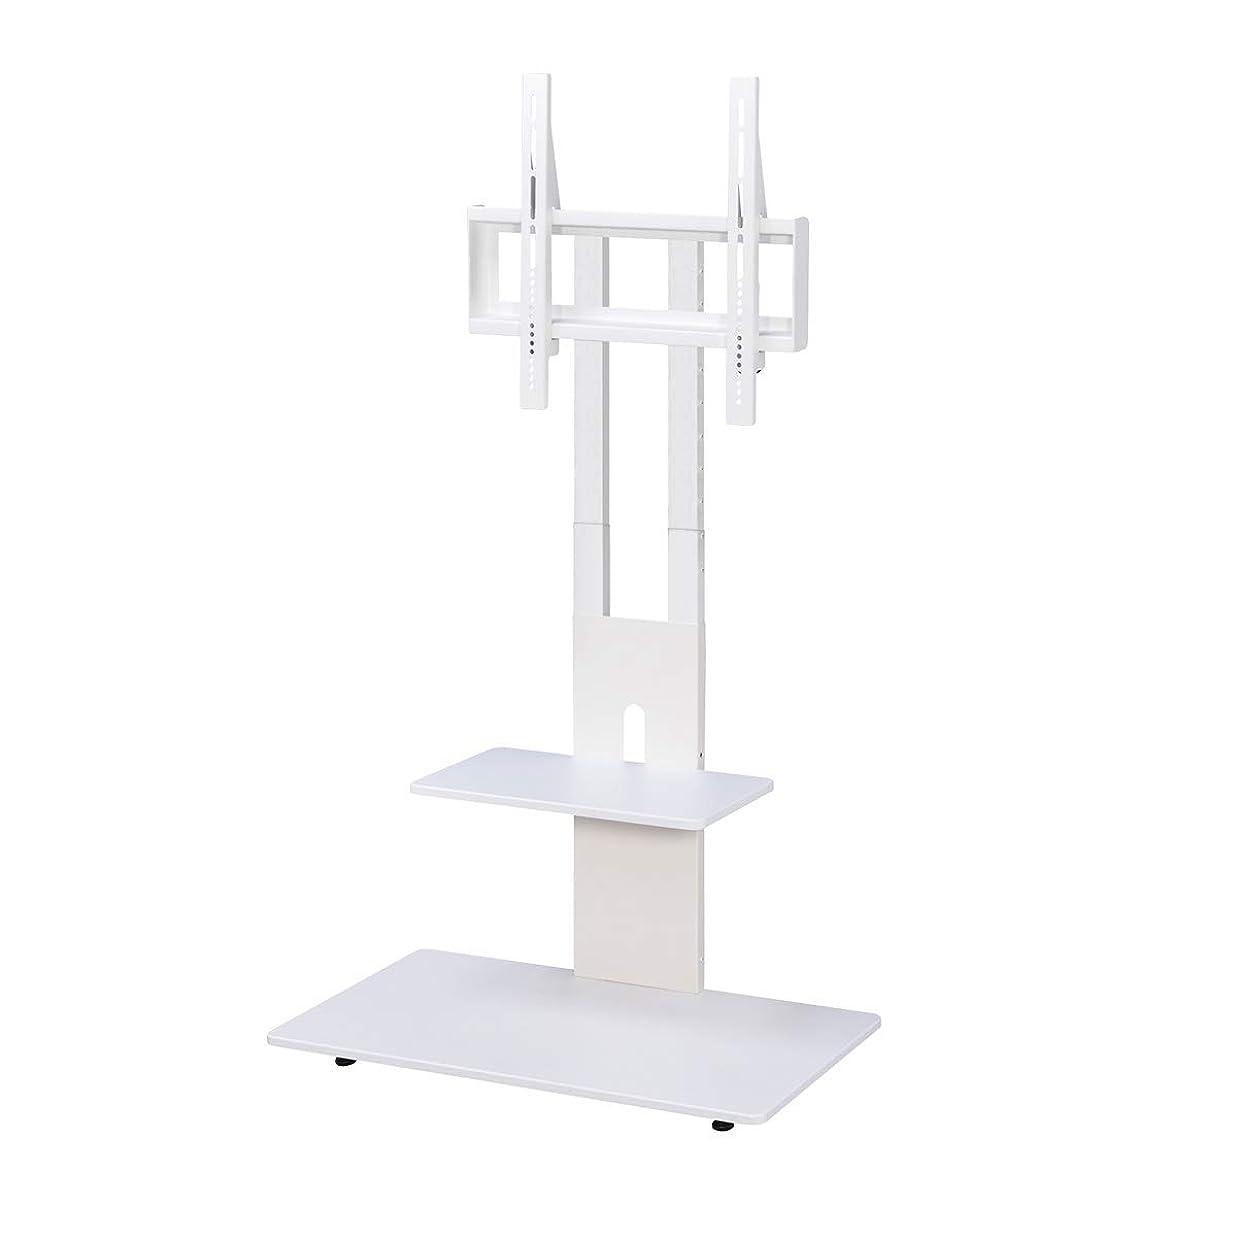 賠償厚いうまれたSun Ruck 壁寄せテレビスタンド ハイタイプ 32~65インチ対応 VESA規格対応 SR-TVST05 ホワイト